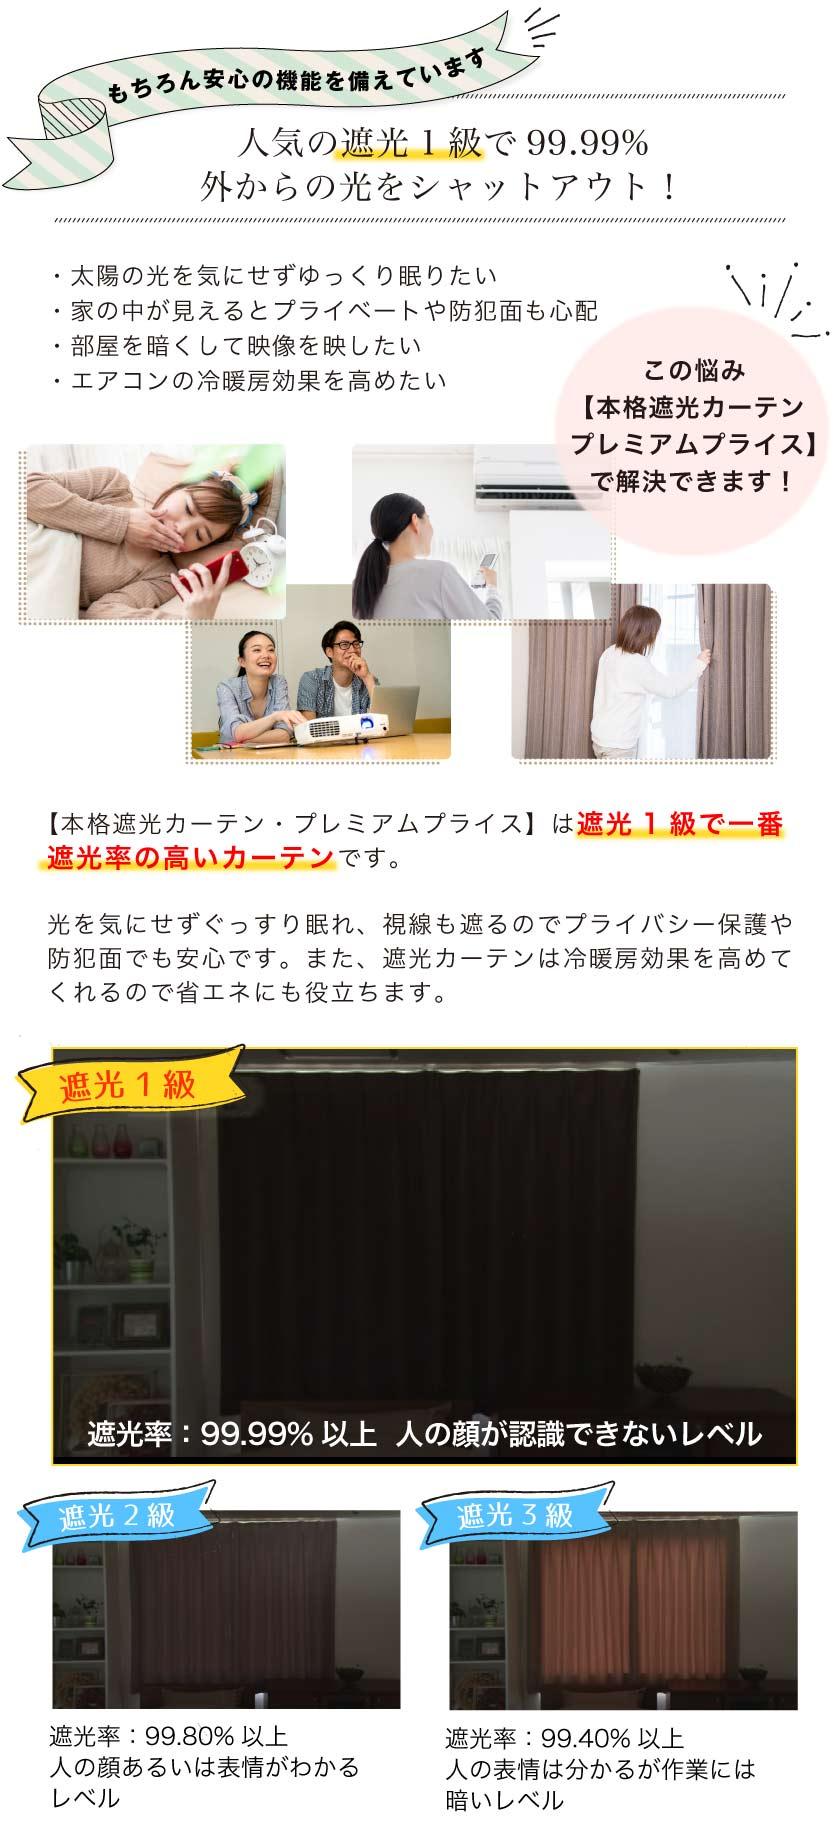 人気の遮光1級カーテンは99.99%光を遮断します。